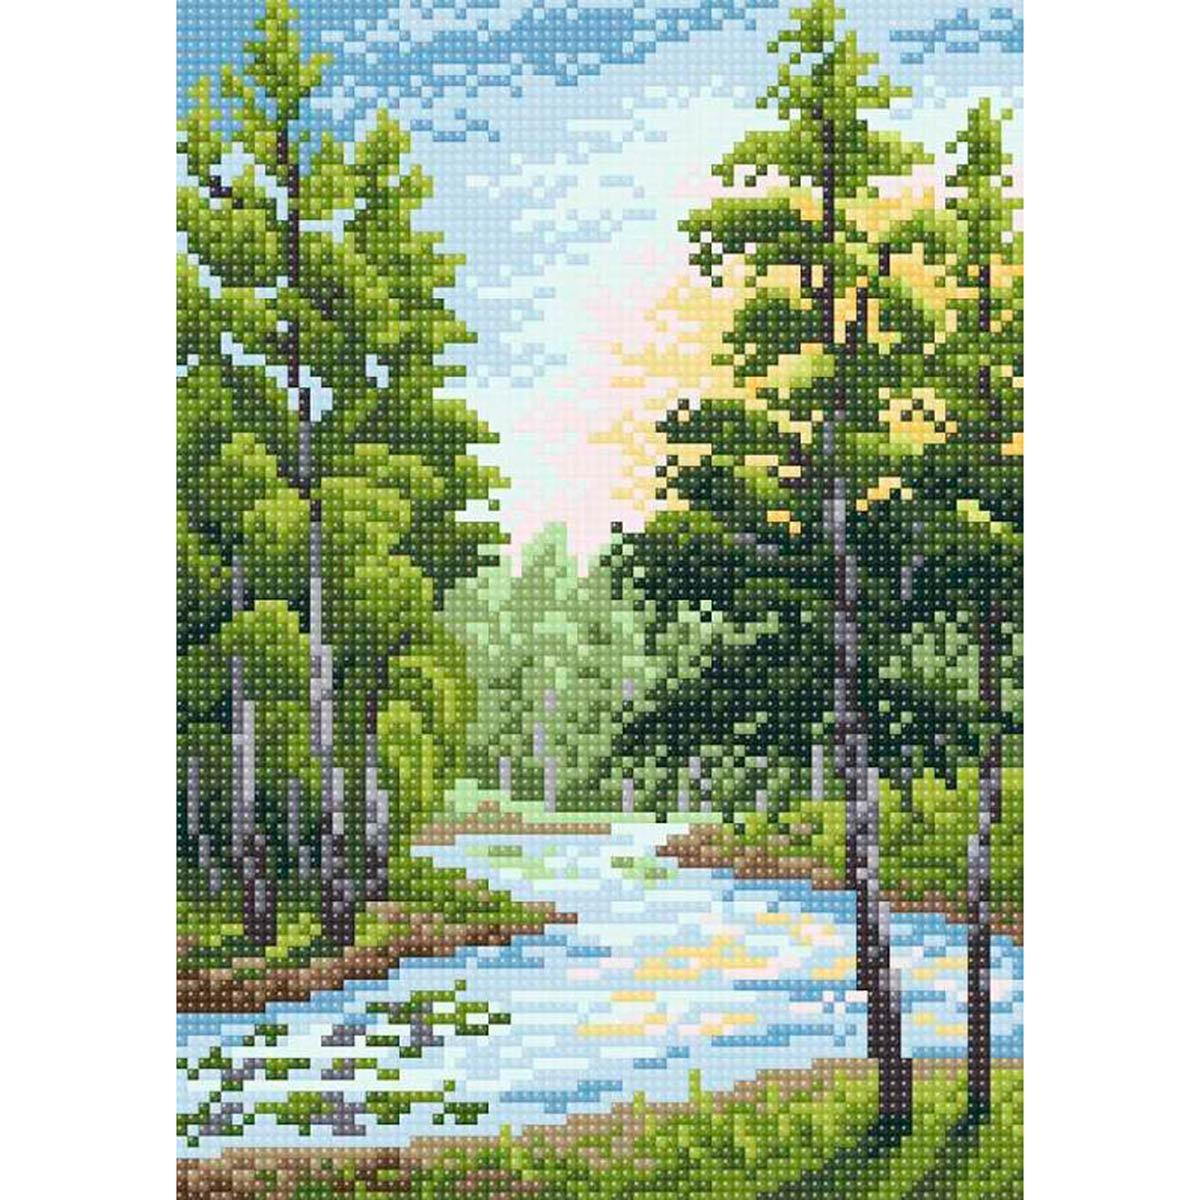 МС 022 Алмазная мозаика 'Летний пейзаж'19*27см Brilliart